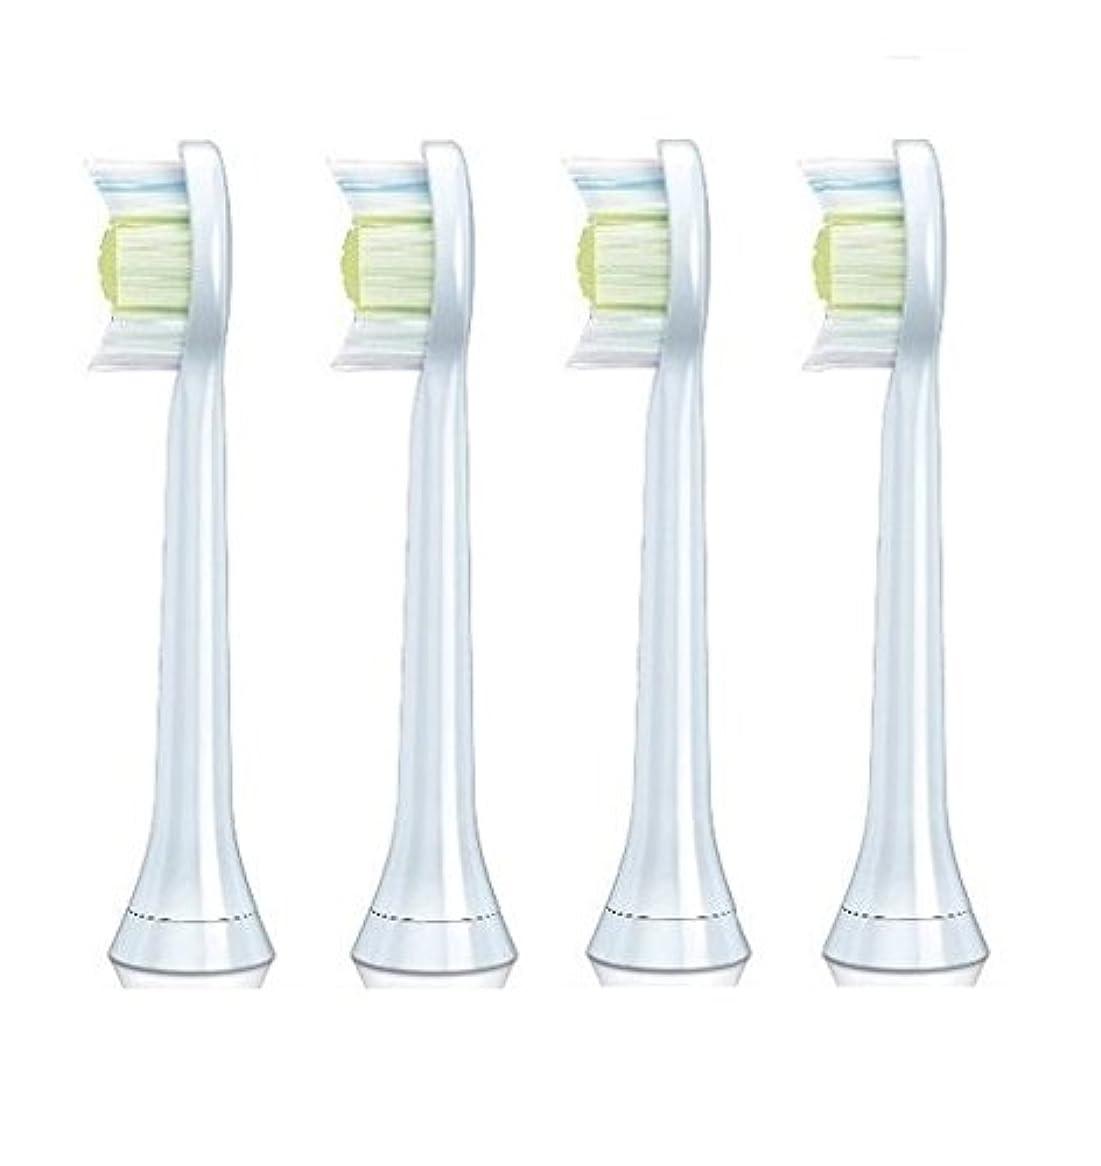 職業入場年次HX6064 HX6062 互換 替え歯ブラシ 4本セット 替えブラシ PHILIPS フィリップス ソニッケアー スタンダードサイズ